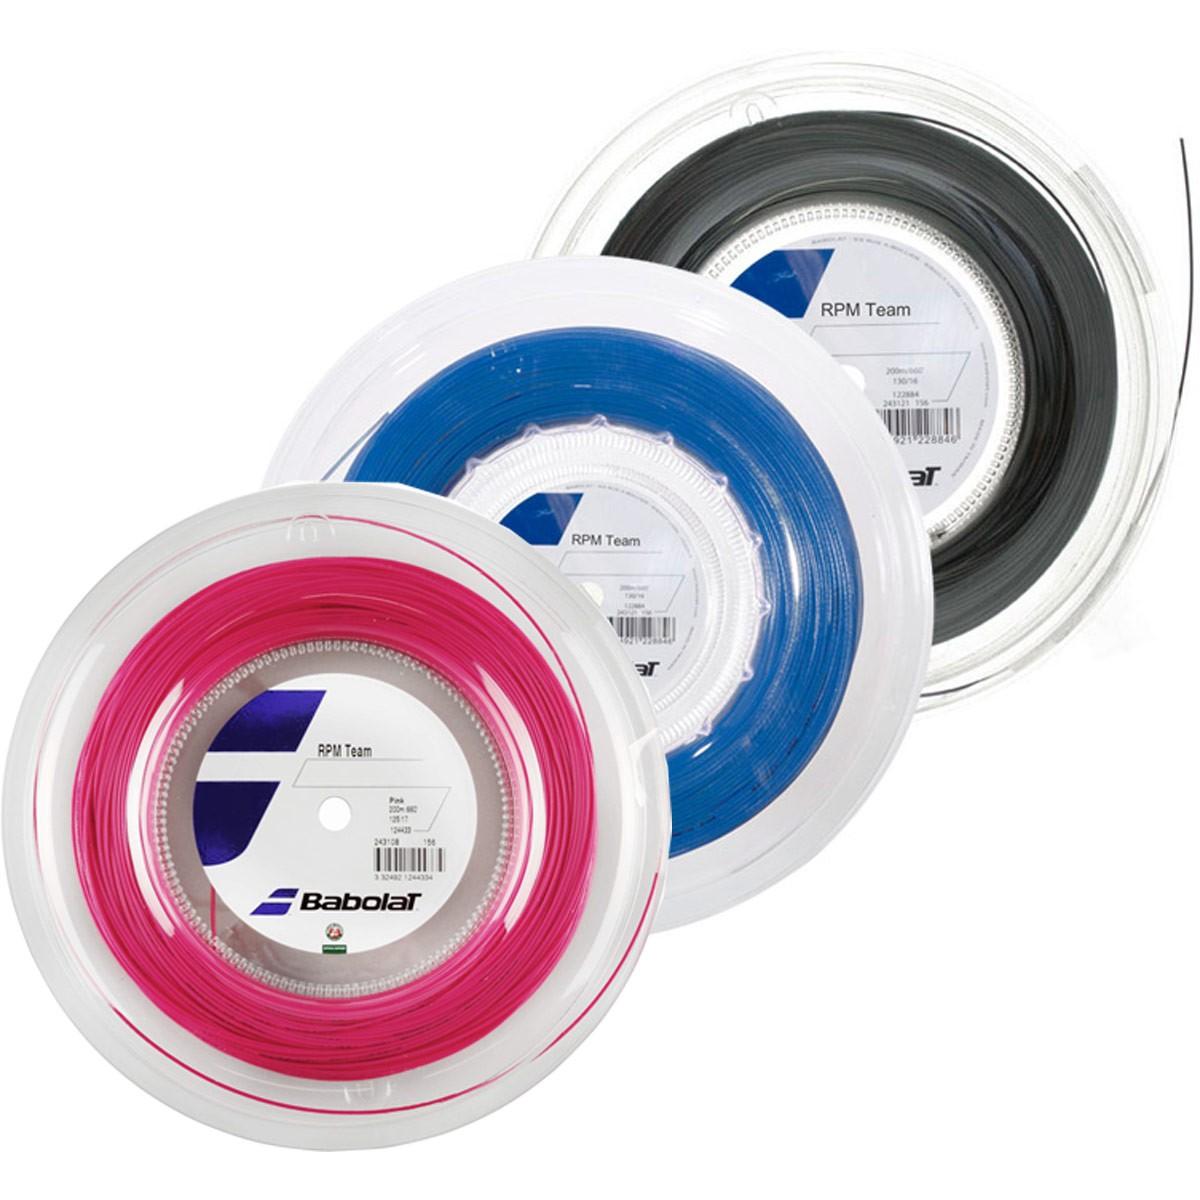 BABOLAT RPM TEAM (200 METRES) STRING REEL